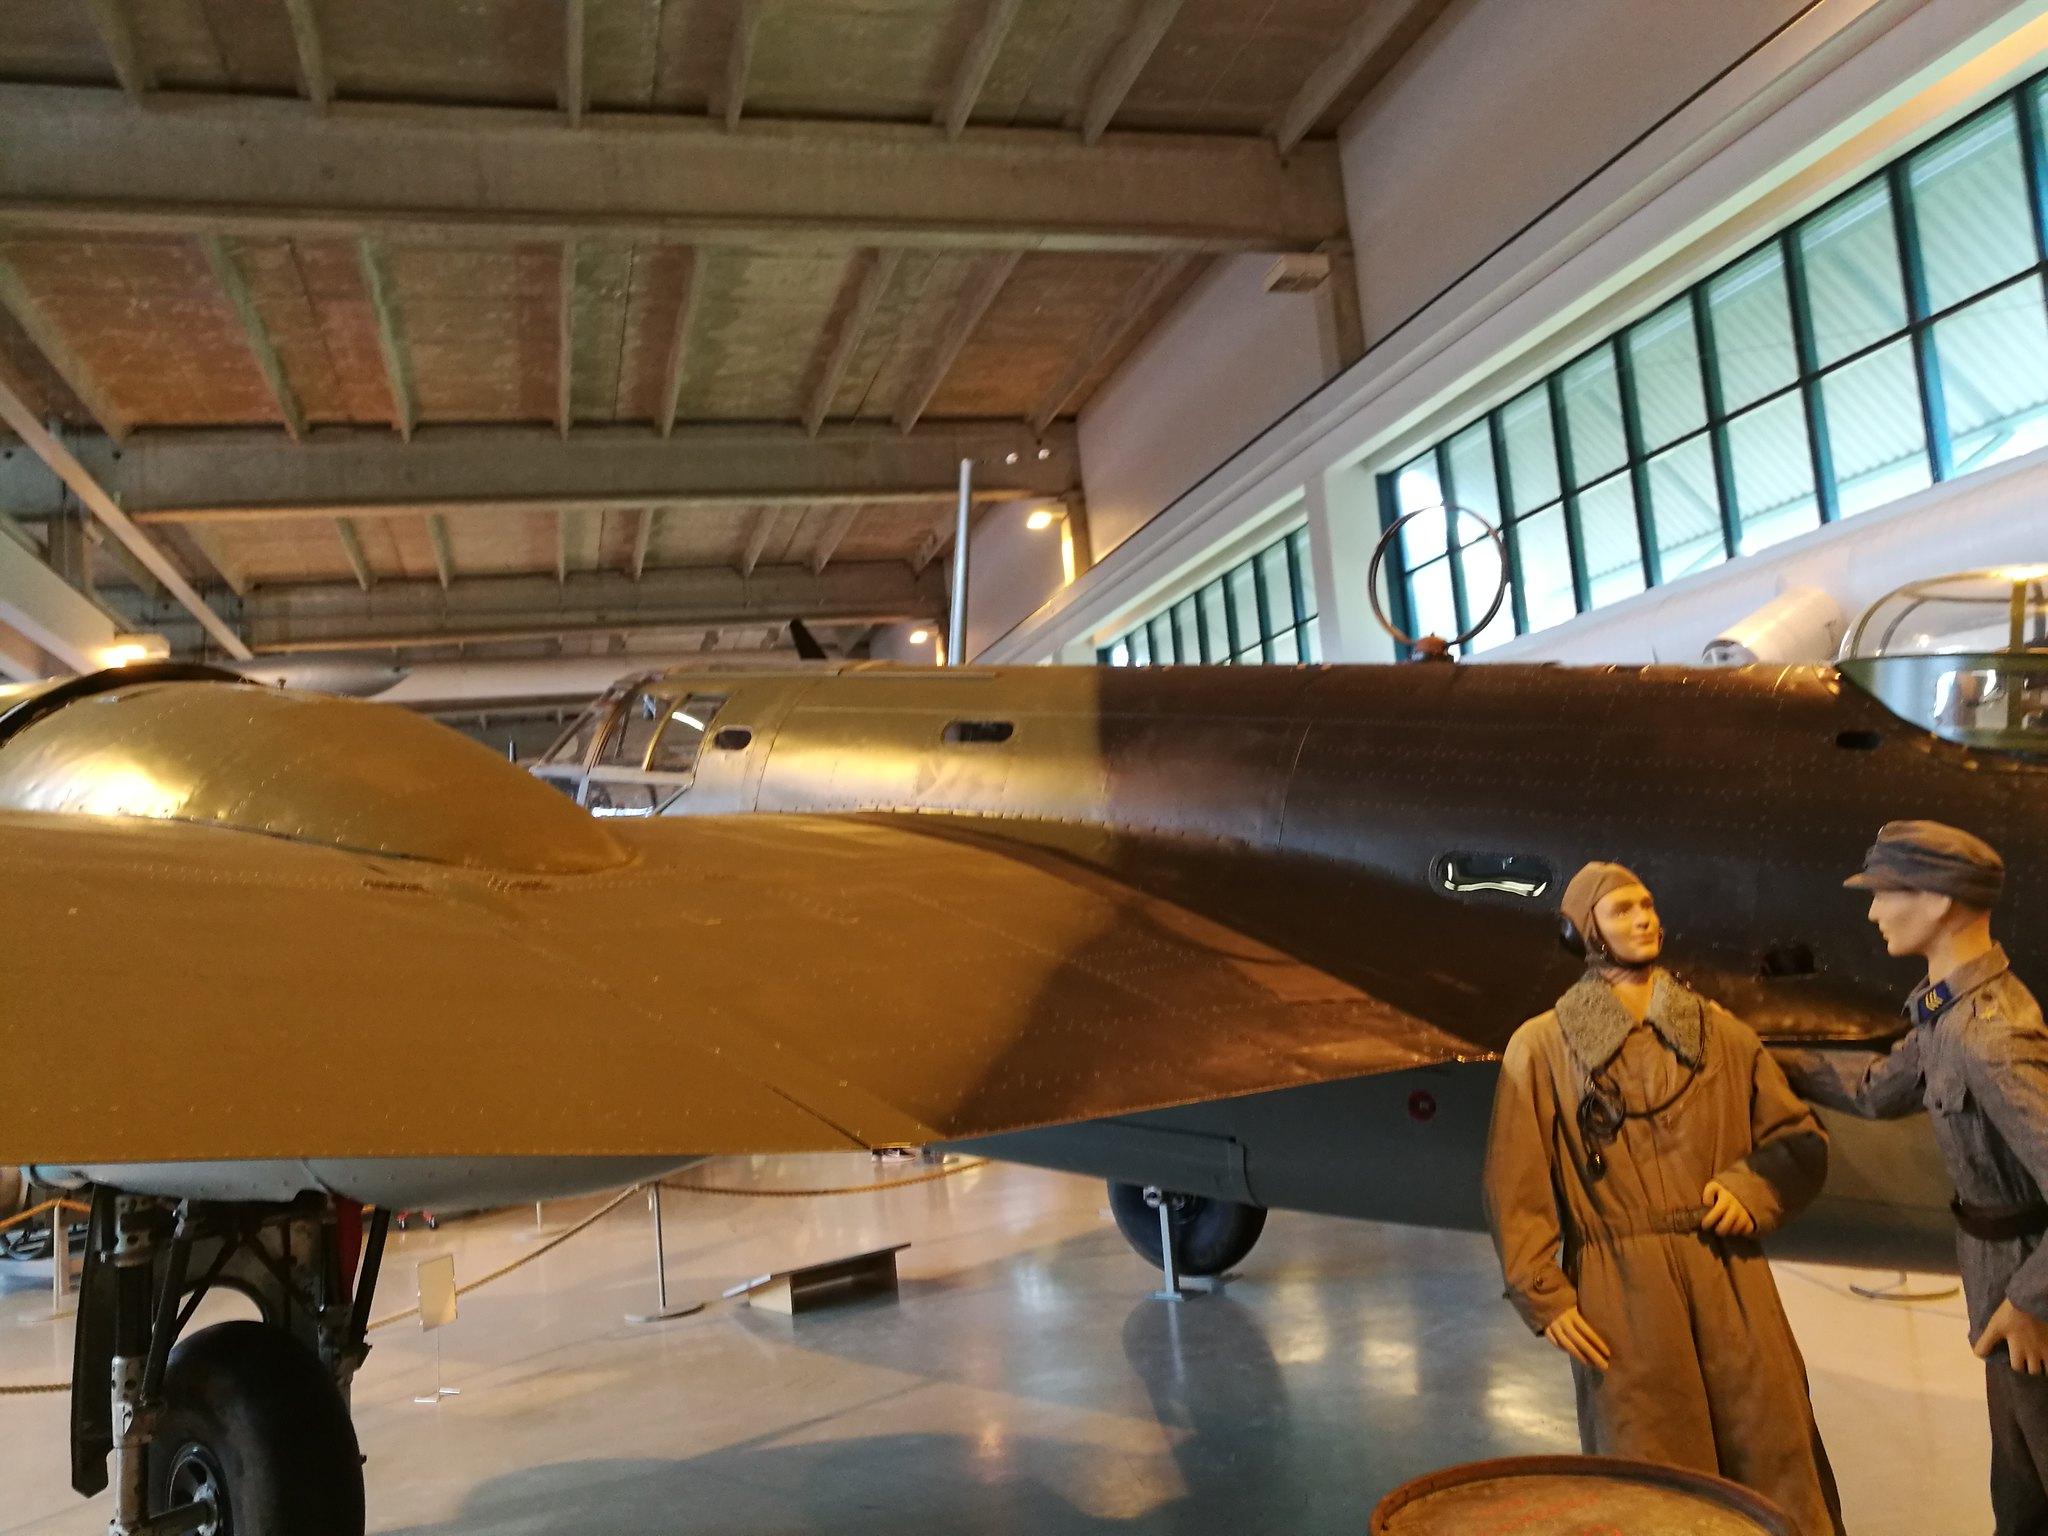 Hemkommen från semester i Finland med utflykt till Finlands Flygvapenmuseum. 48293054952_7bd2ce7769_k